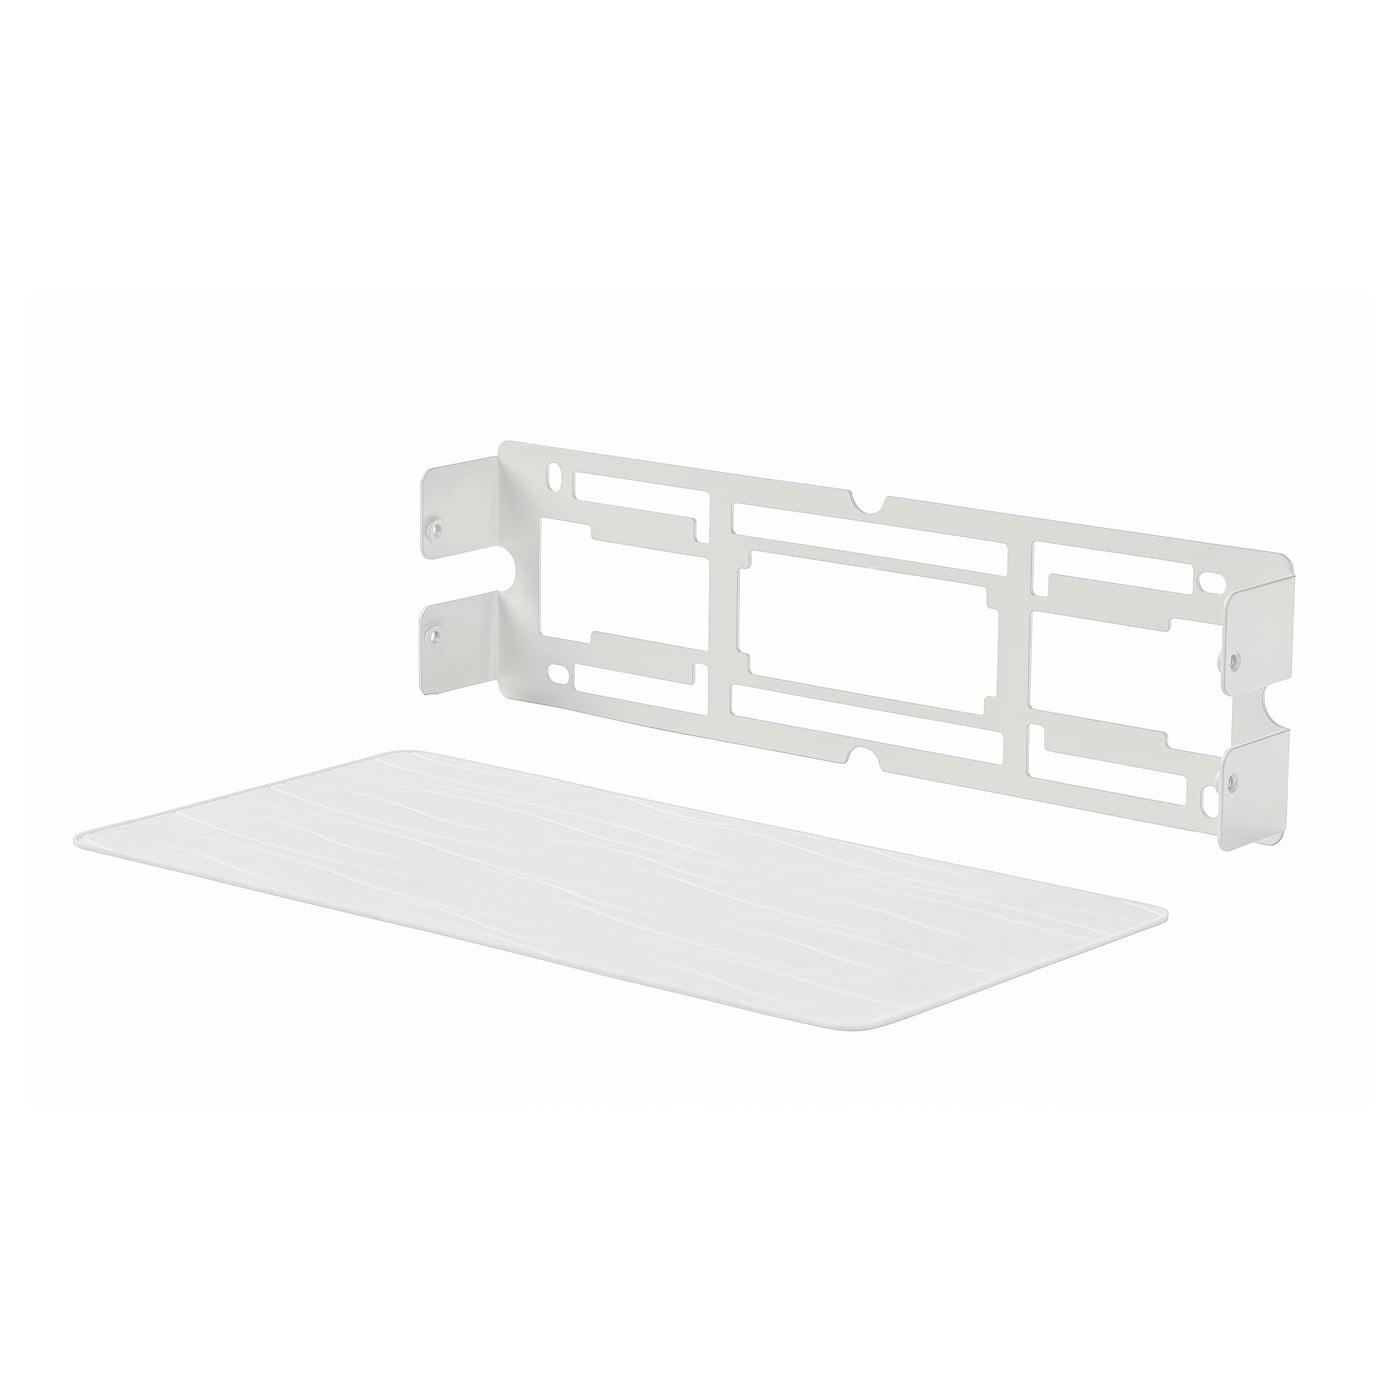 IKEA SYMFONISK Wspornik ścienny głośnika, biały